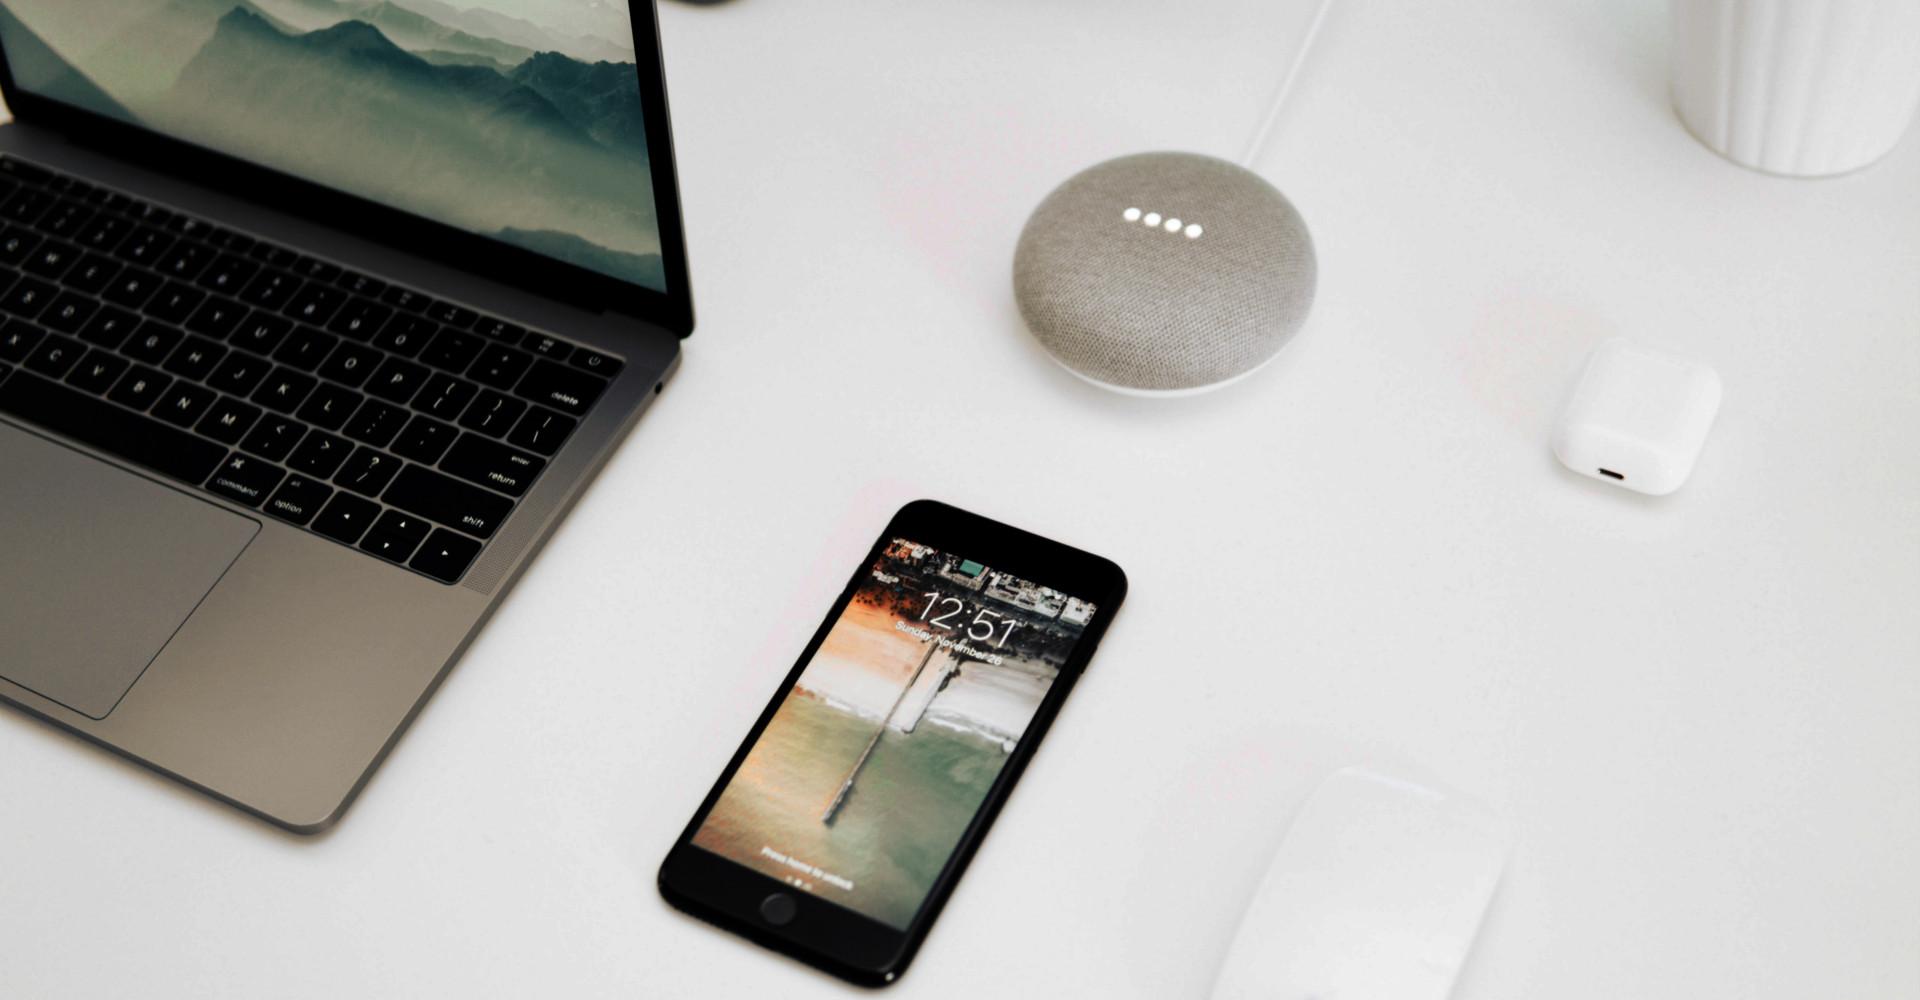 Google Smart Home Mini, ein Laptop und ein Smartphone